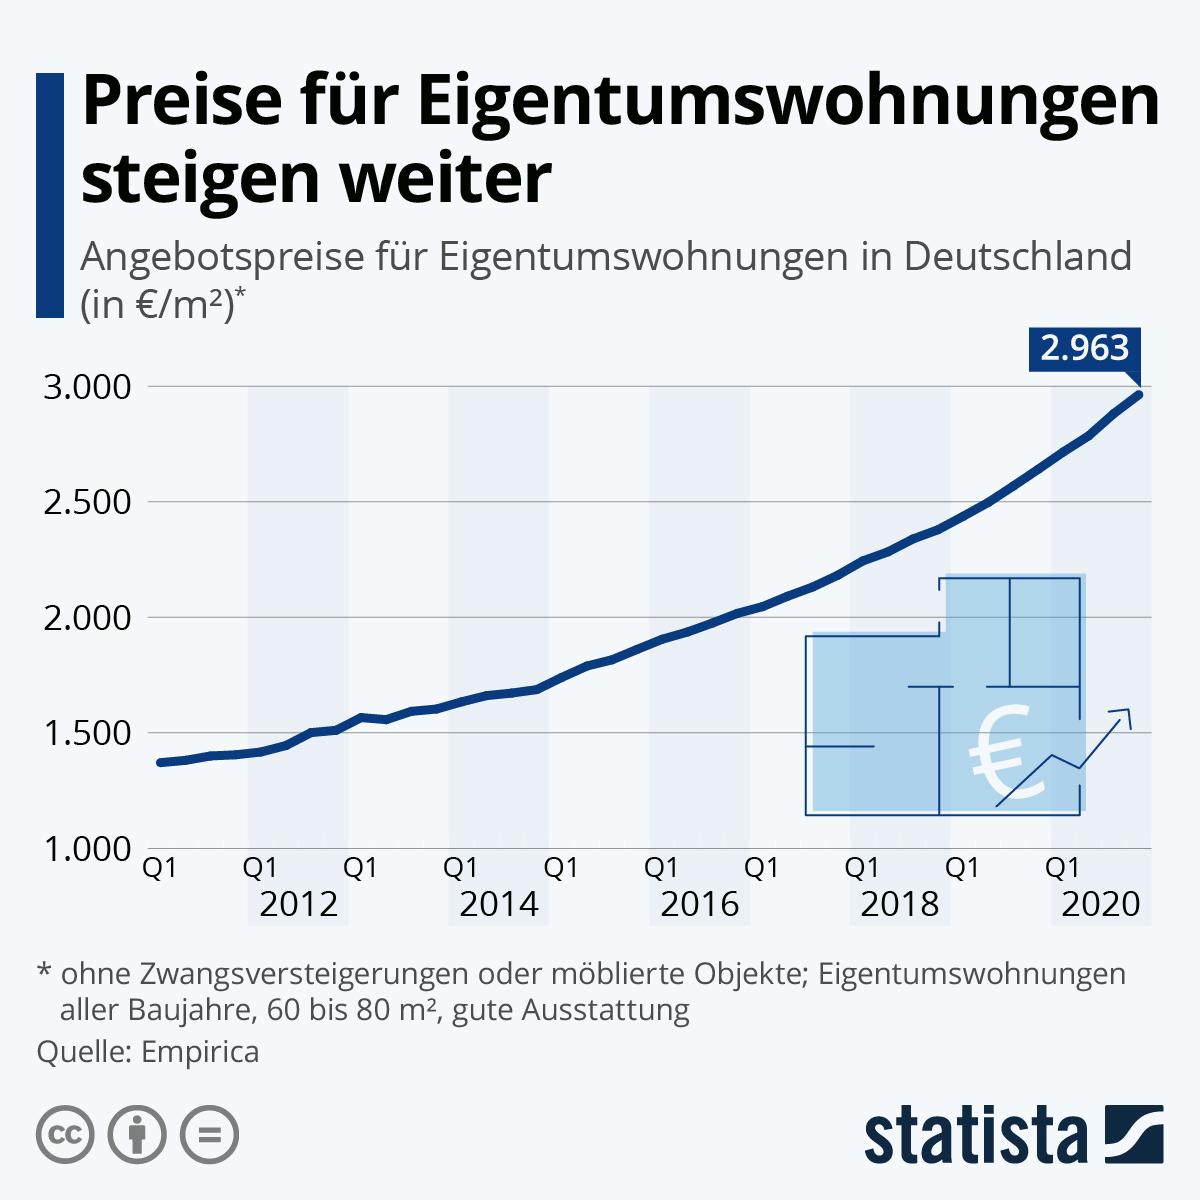 Infografik: Preise für Eigentumswohnungen steigen weiter | Statista